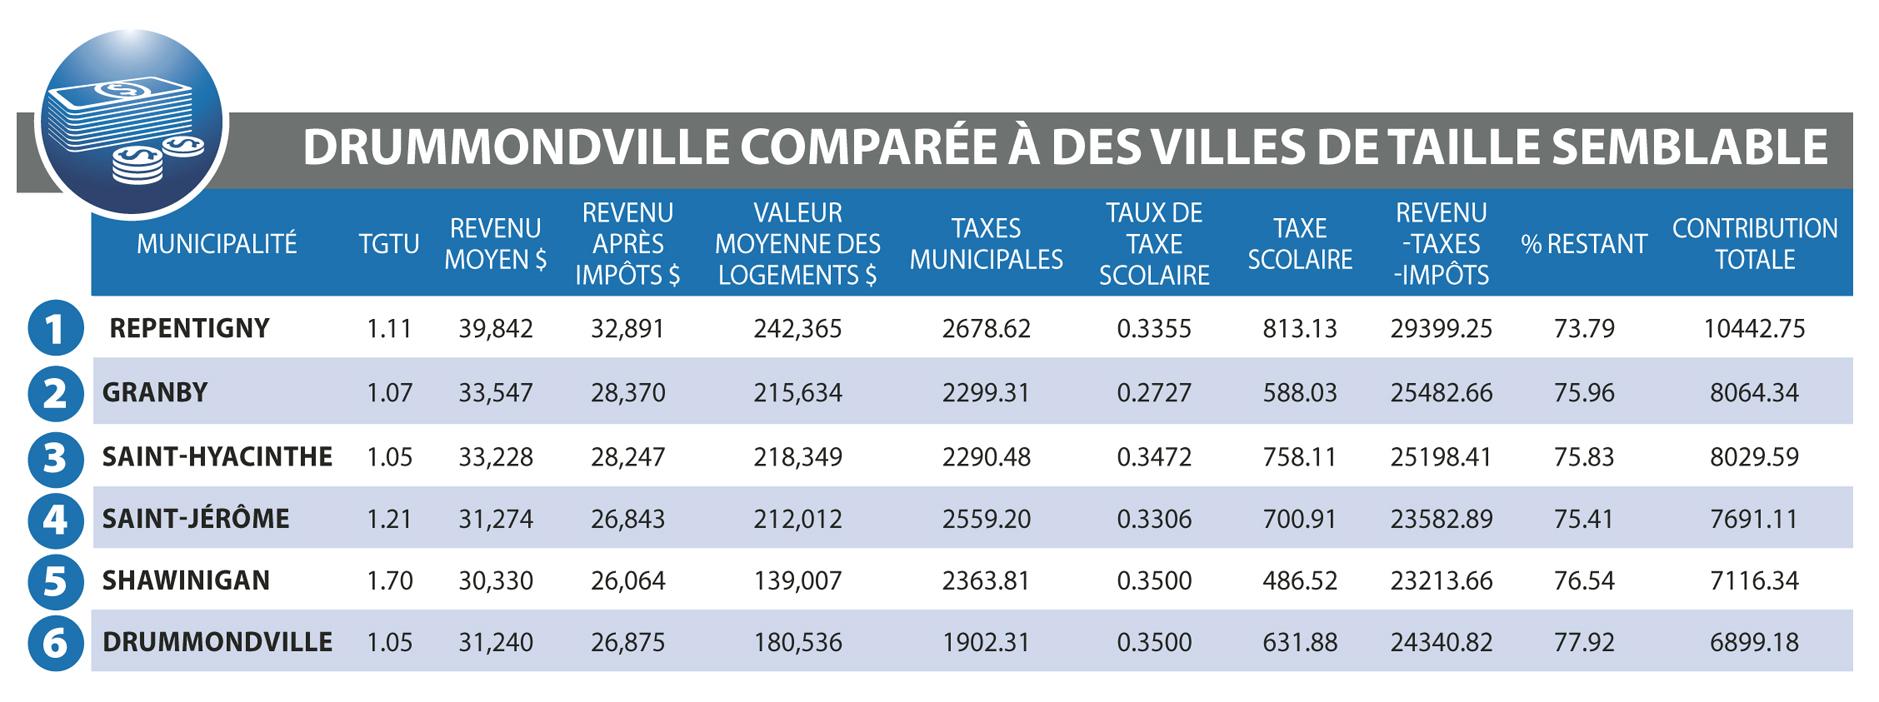 Qui paye le plus de taxes et d'impôts au Québec? *